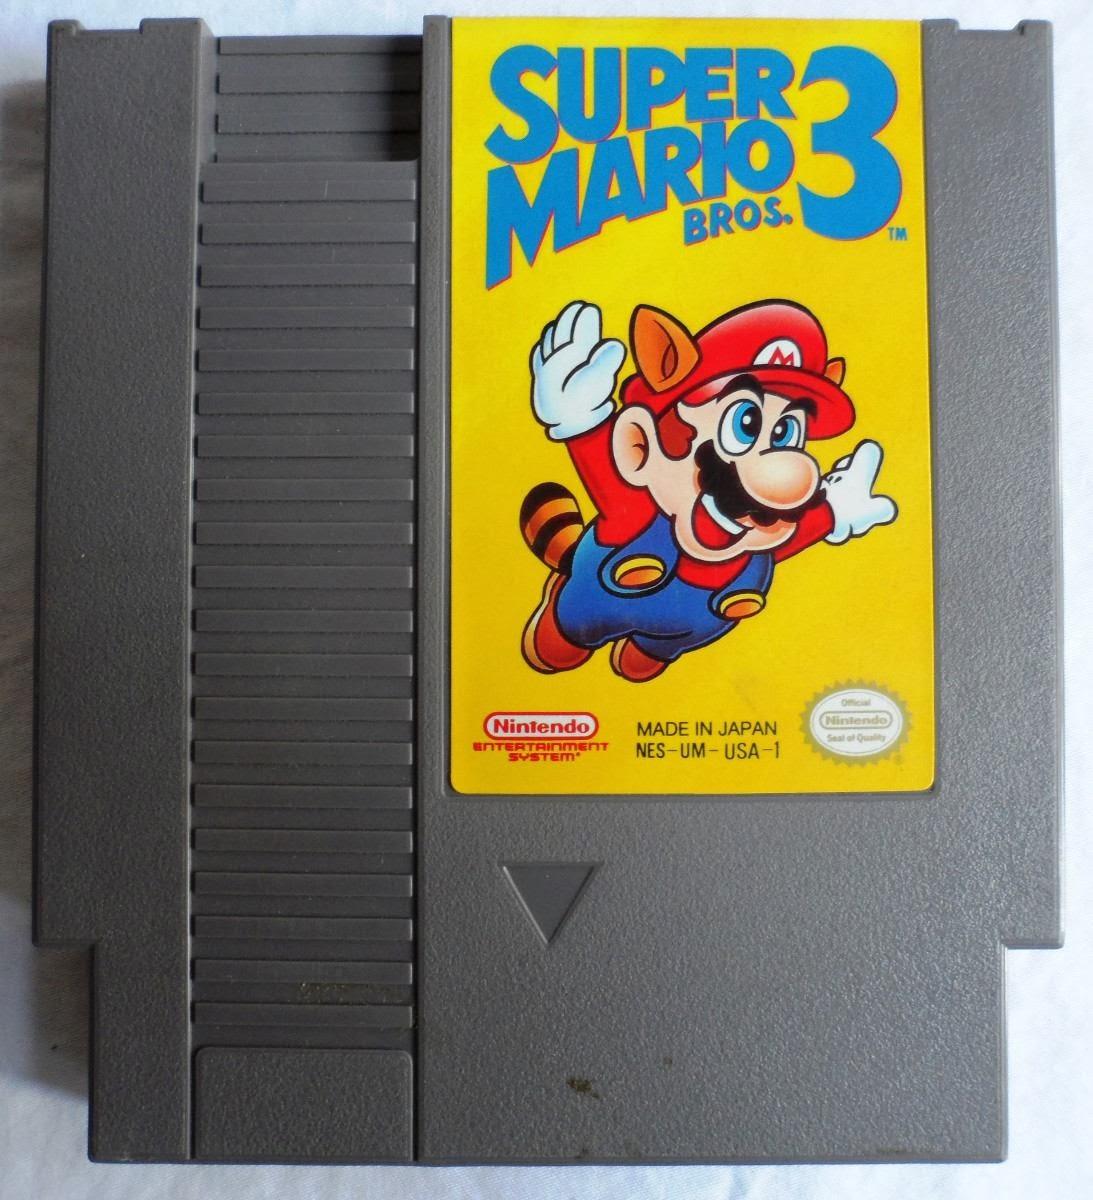 Imagen del cartucho de la NES del SMB3